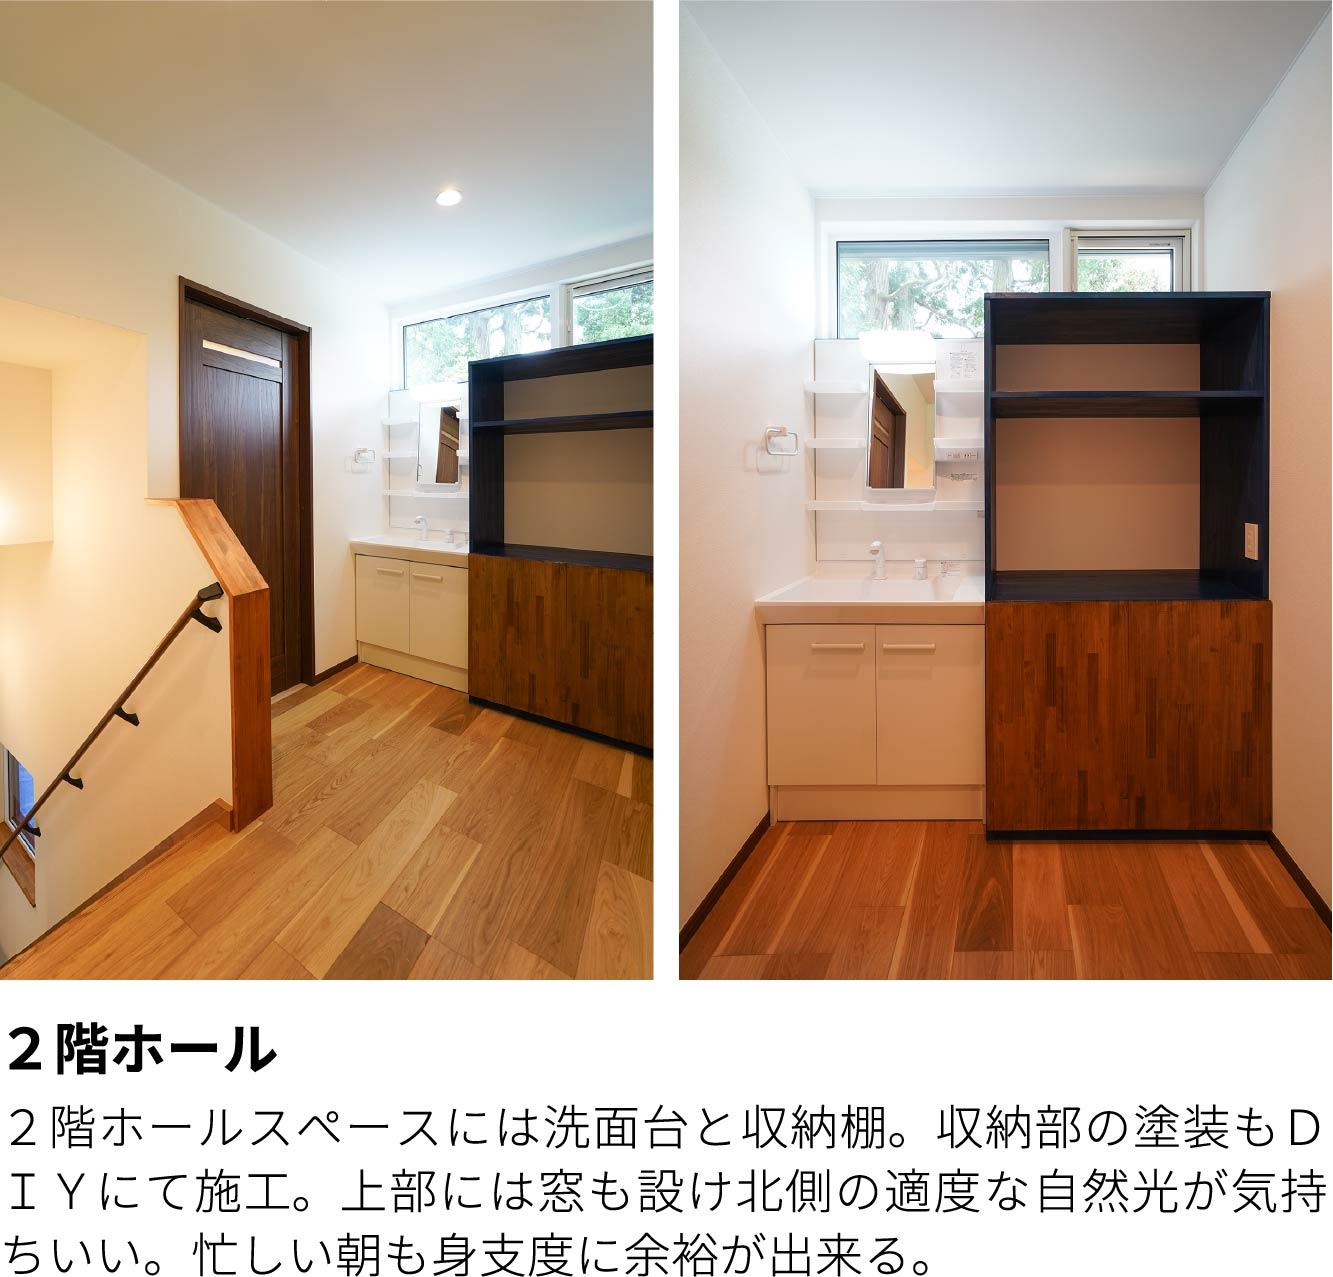 2階ホール-2階ホールスペースには洗面台と収納棚。収納部の塗装もDIYにて施工。上部には窓も設け北側の適度な自然光が気持ちいい。忙しい朝も身支度に余裕が出来る。